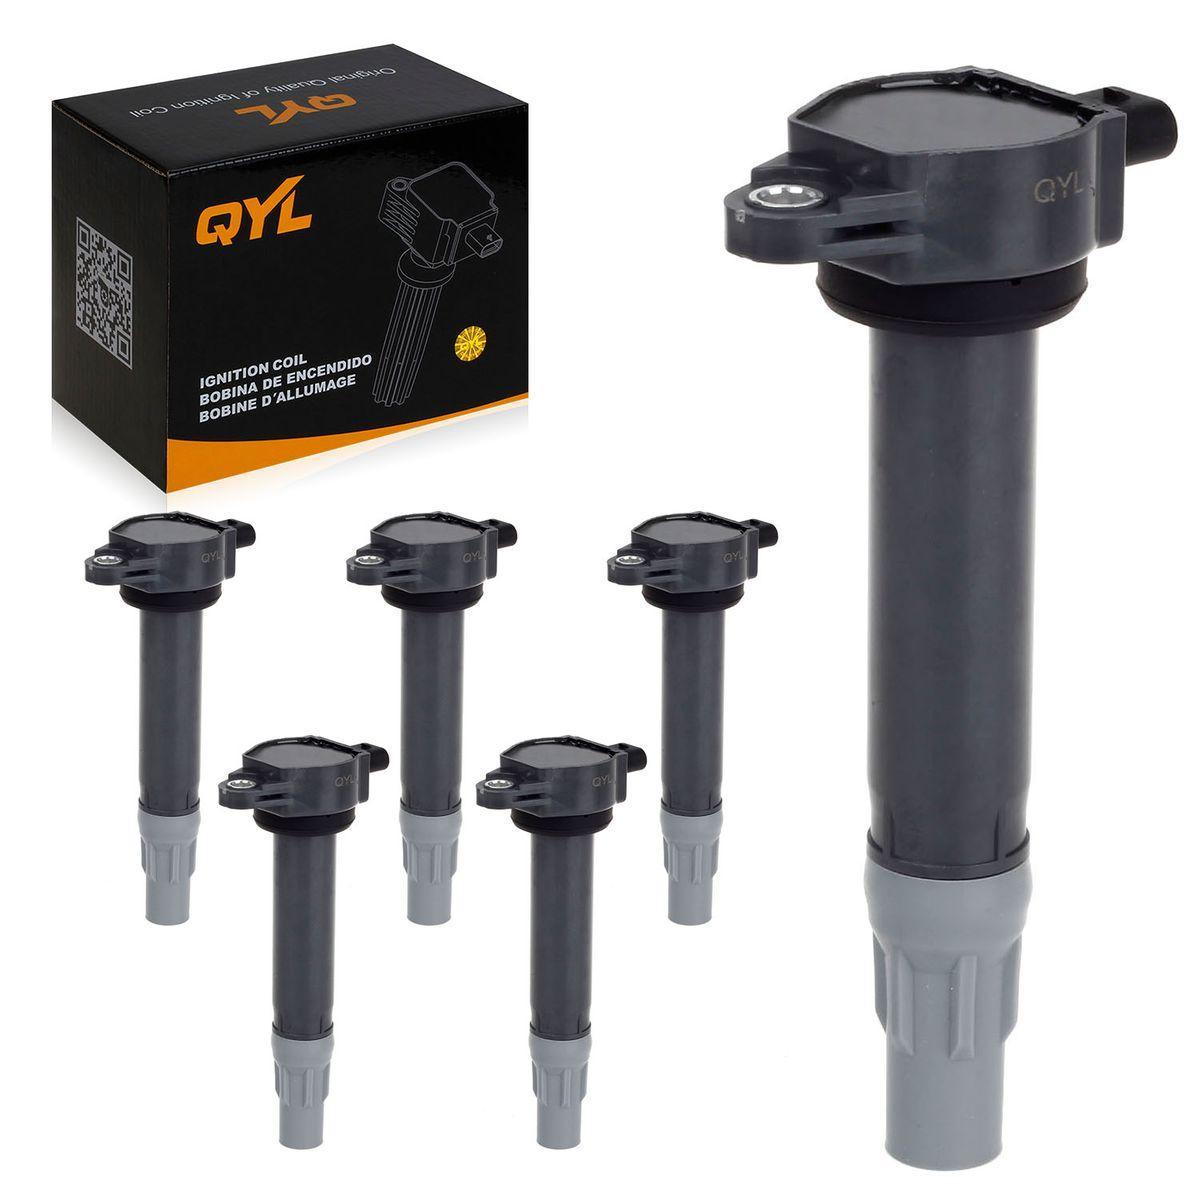 Qyl 6 Ignition Coil Pack For 06 10 Chrysler 300 Sebring V6